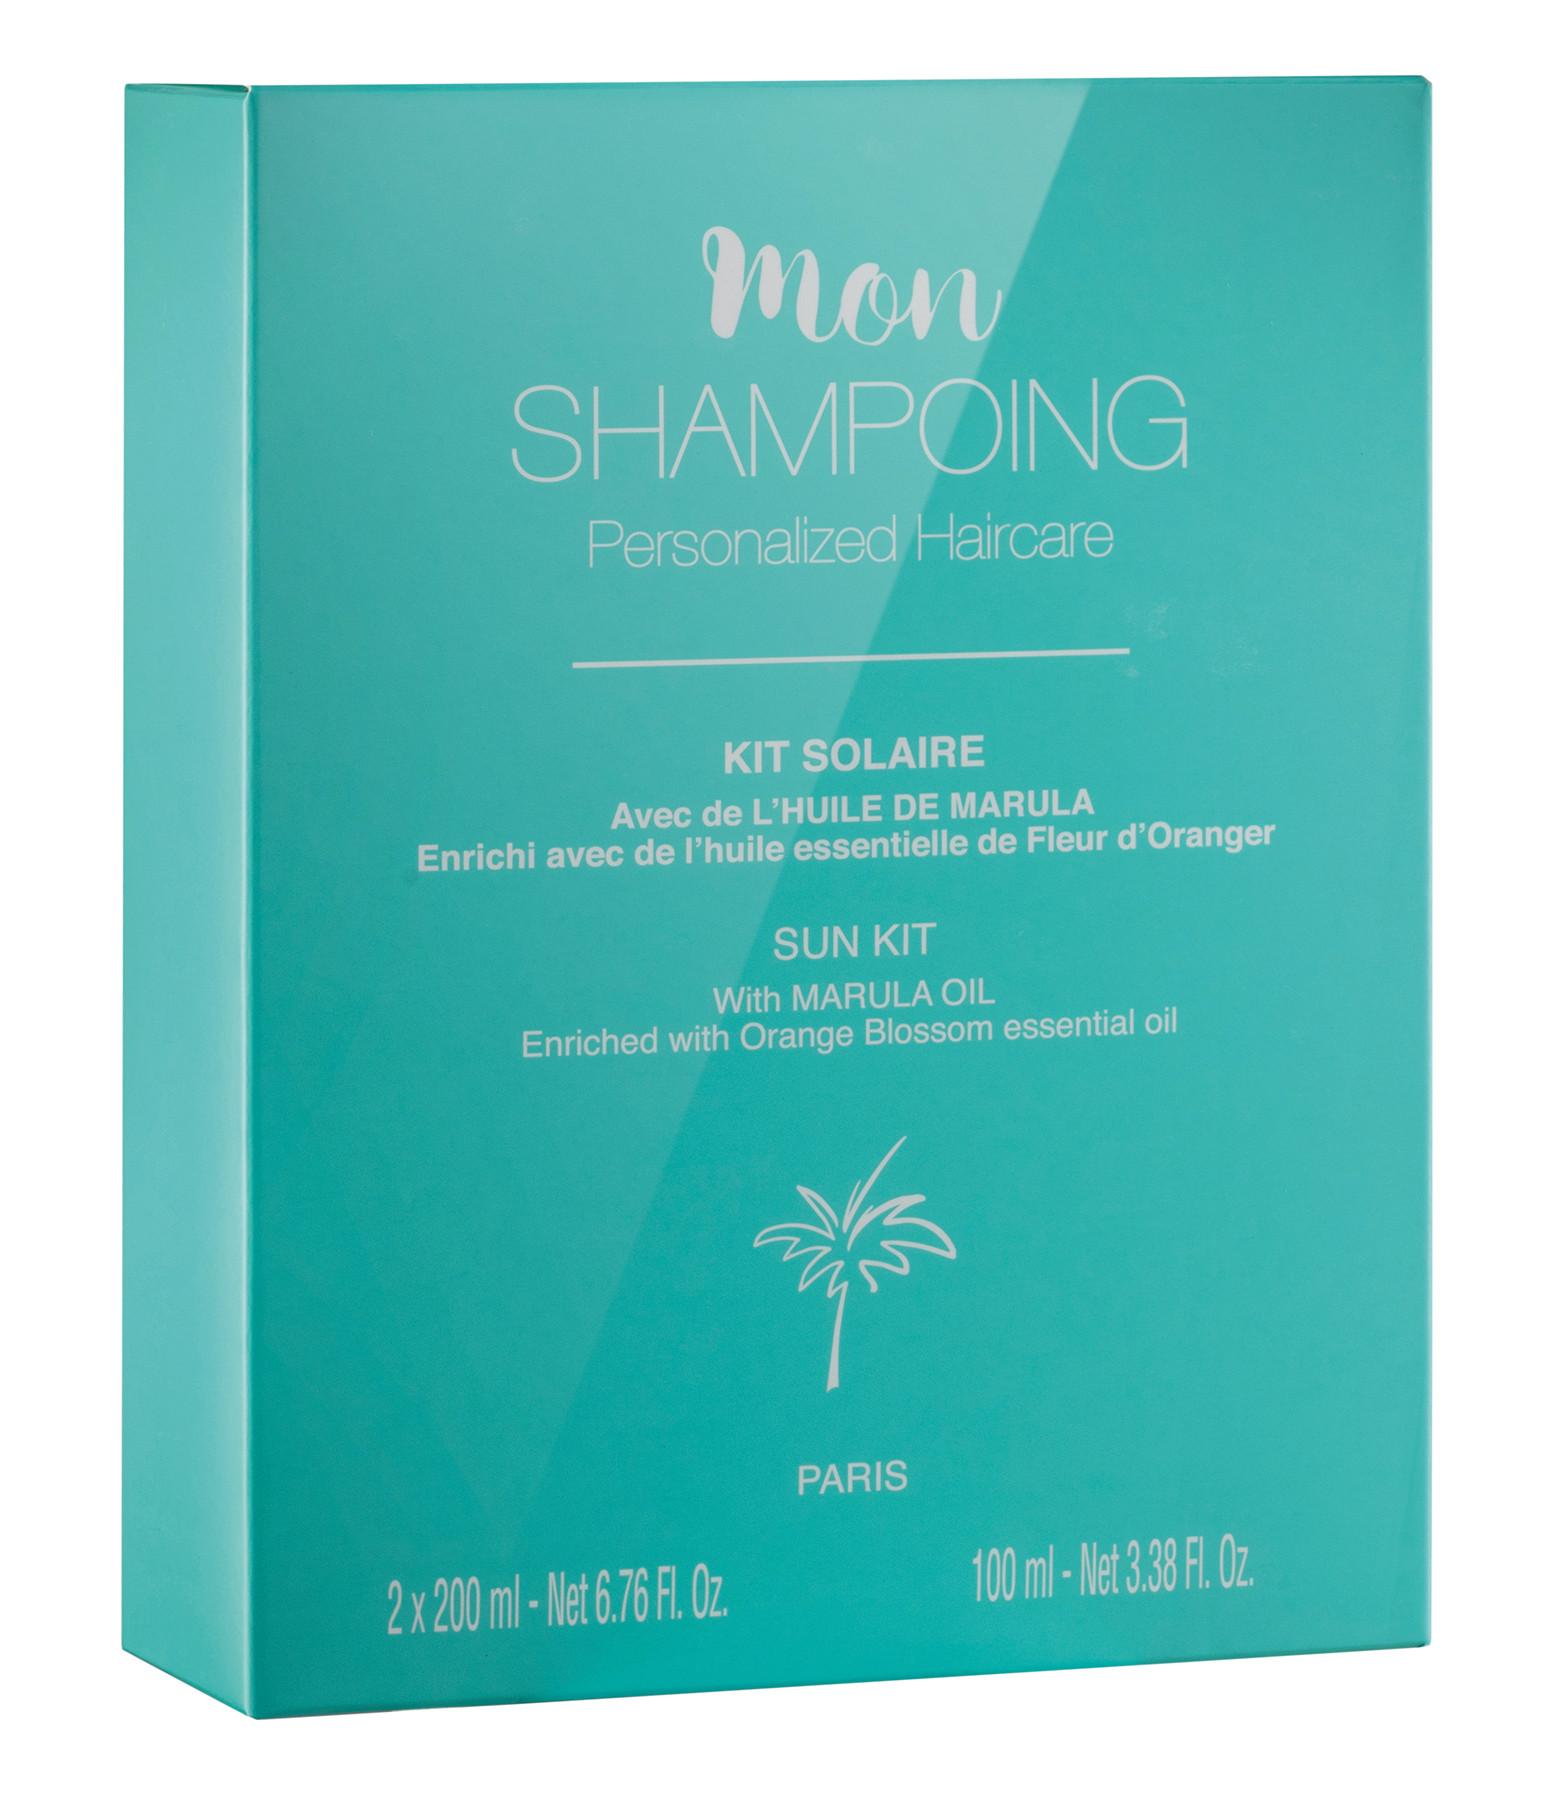 MON SHAMPOING - Kit Solaire Cheveux Huile de Marula 500ml